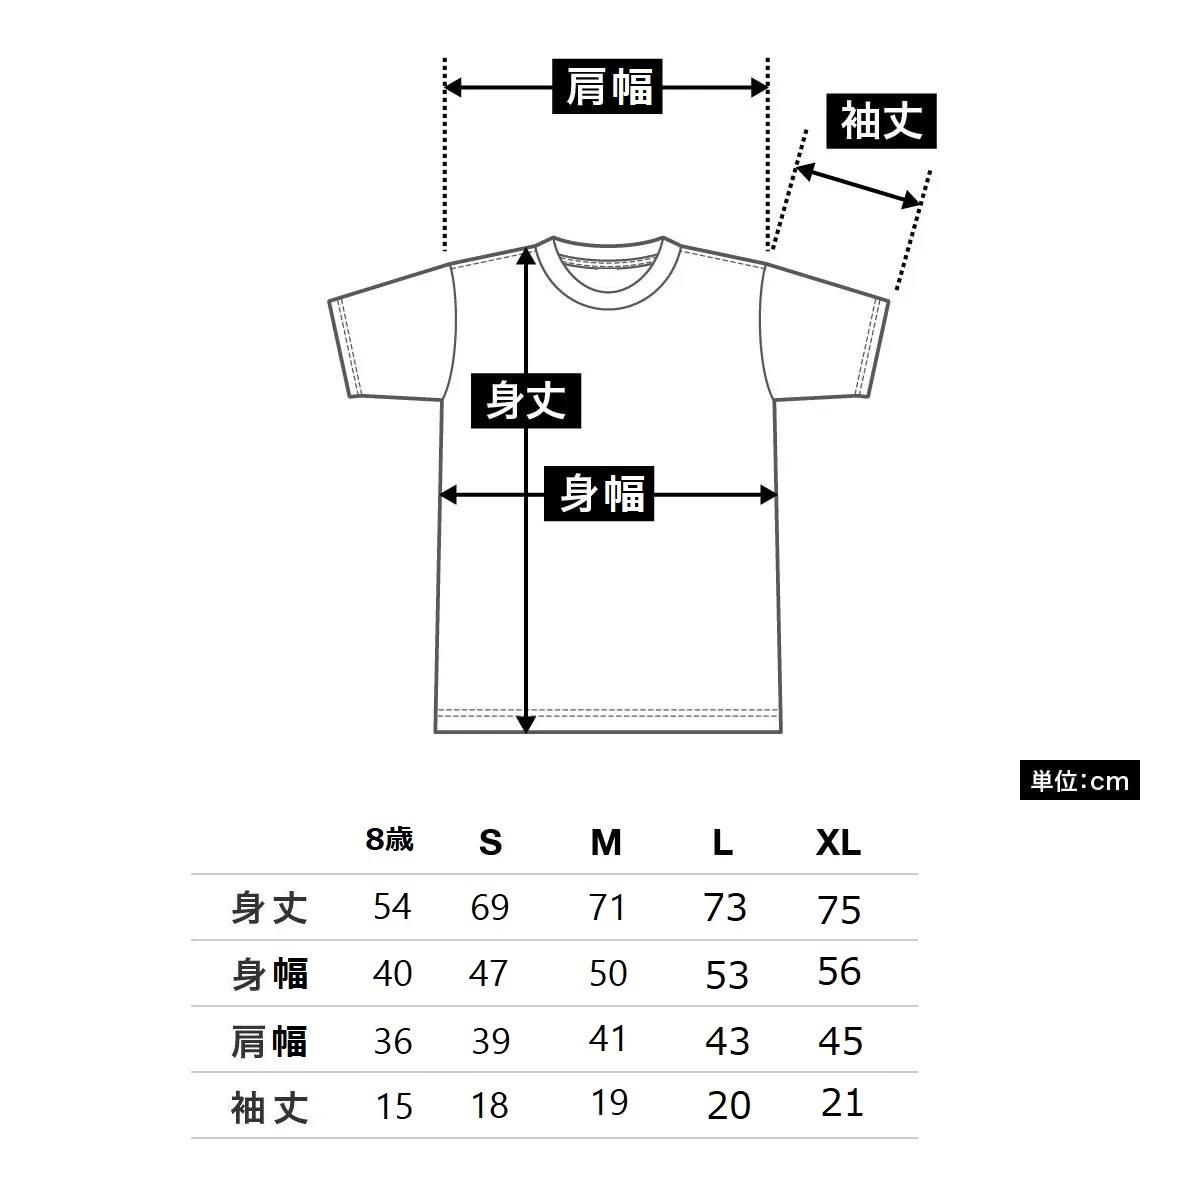 レンボンガンTシャツサイズ